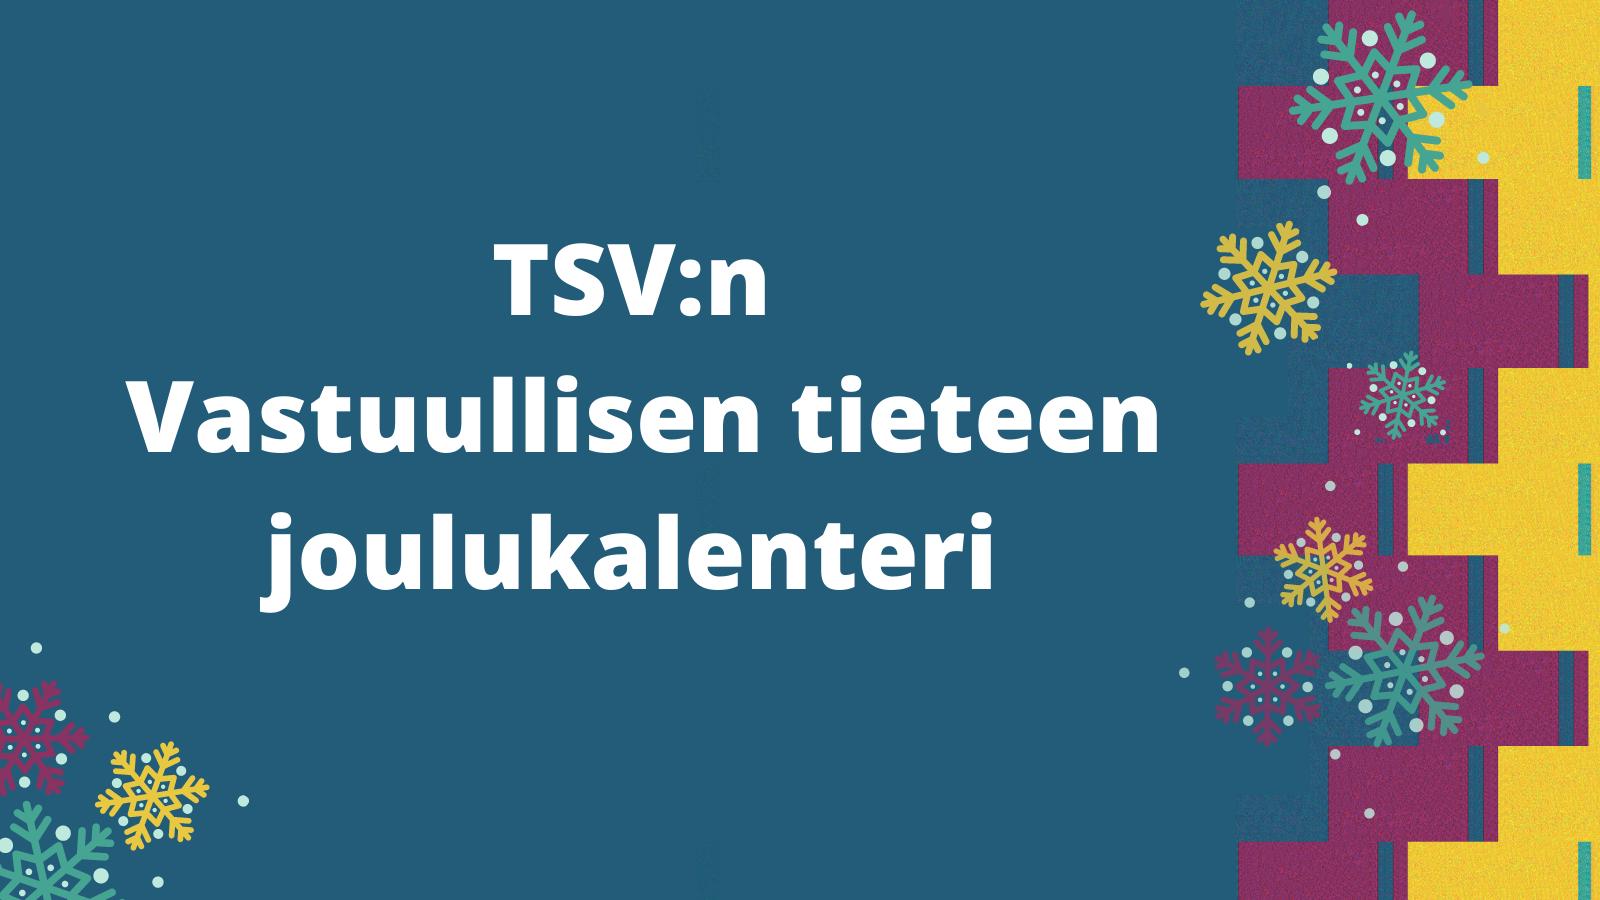 Graafinen kuva, jossa teksti TSV:n Vastuullisen tieteen joulukalenteri.